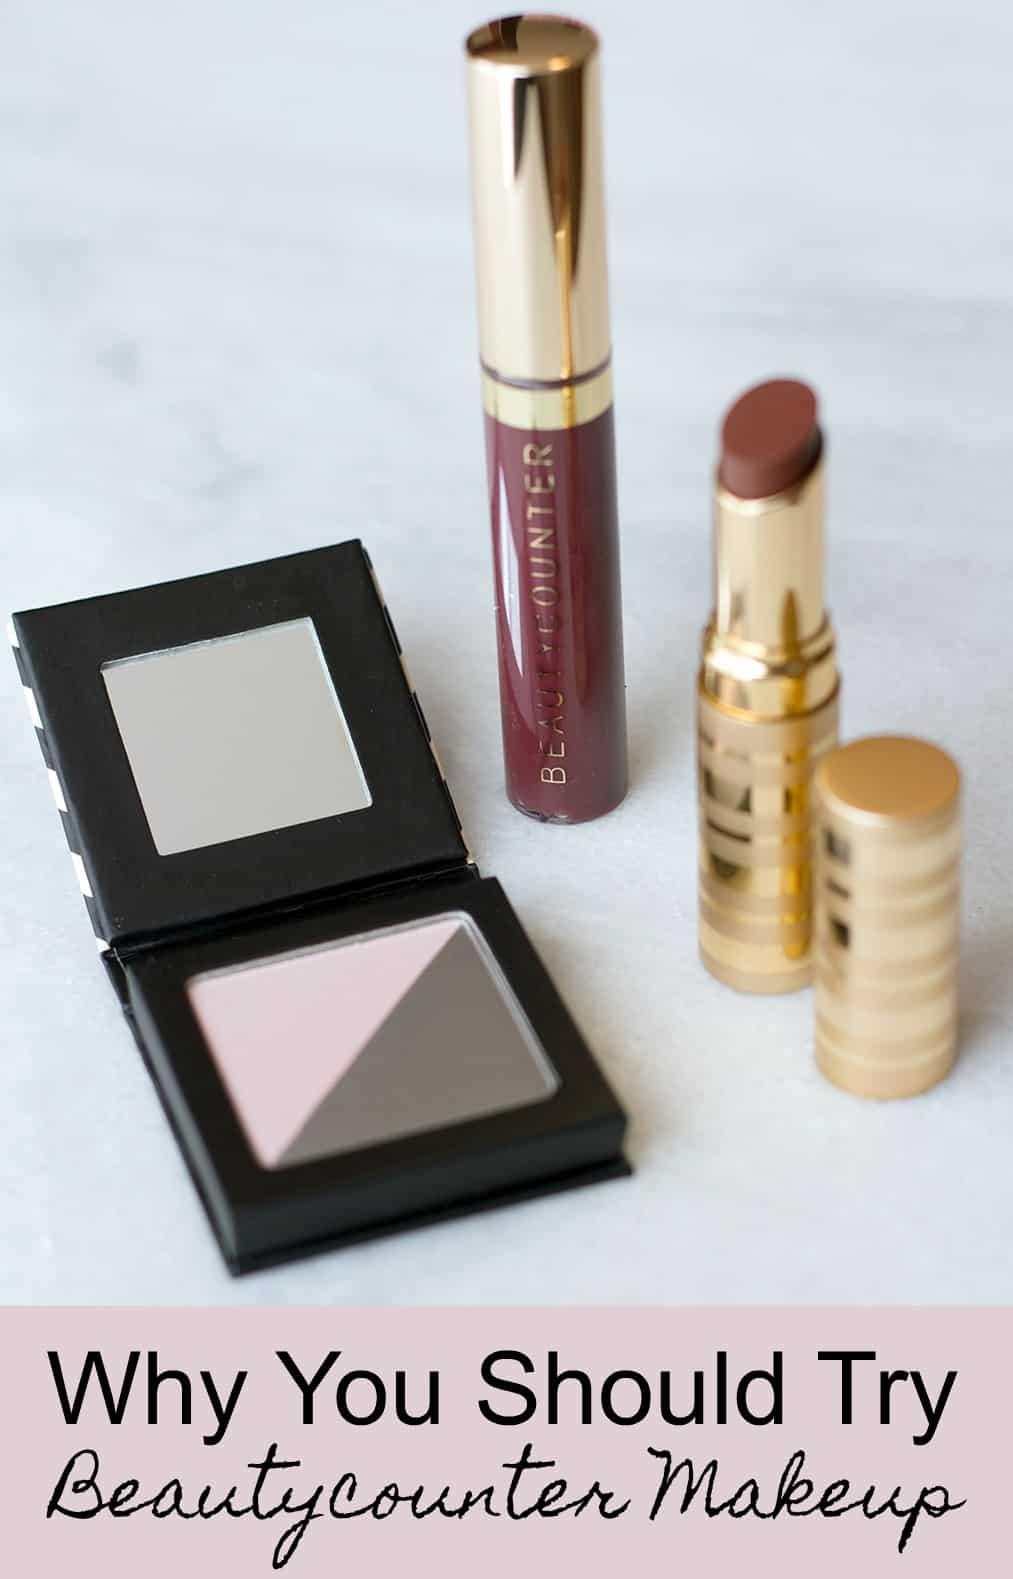 beautycounter lipstock and eyeshadow on marble counter